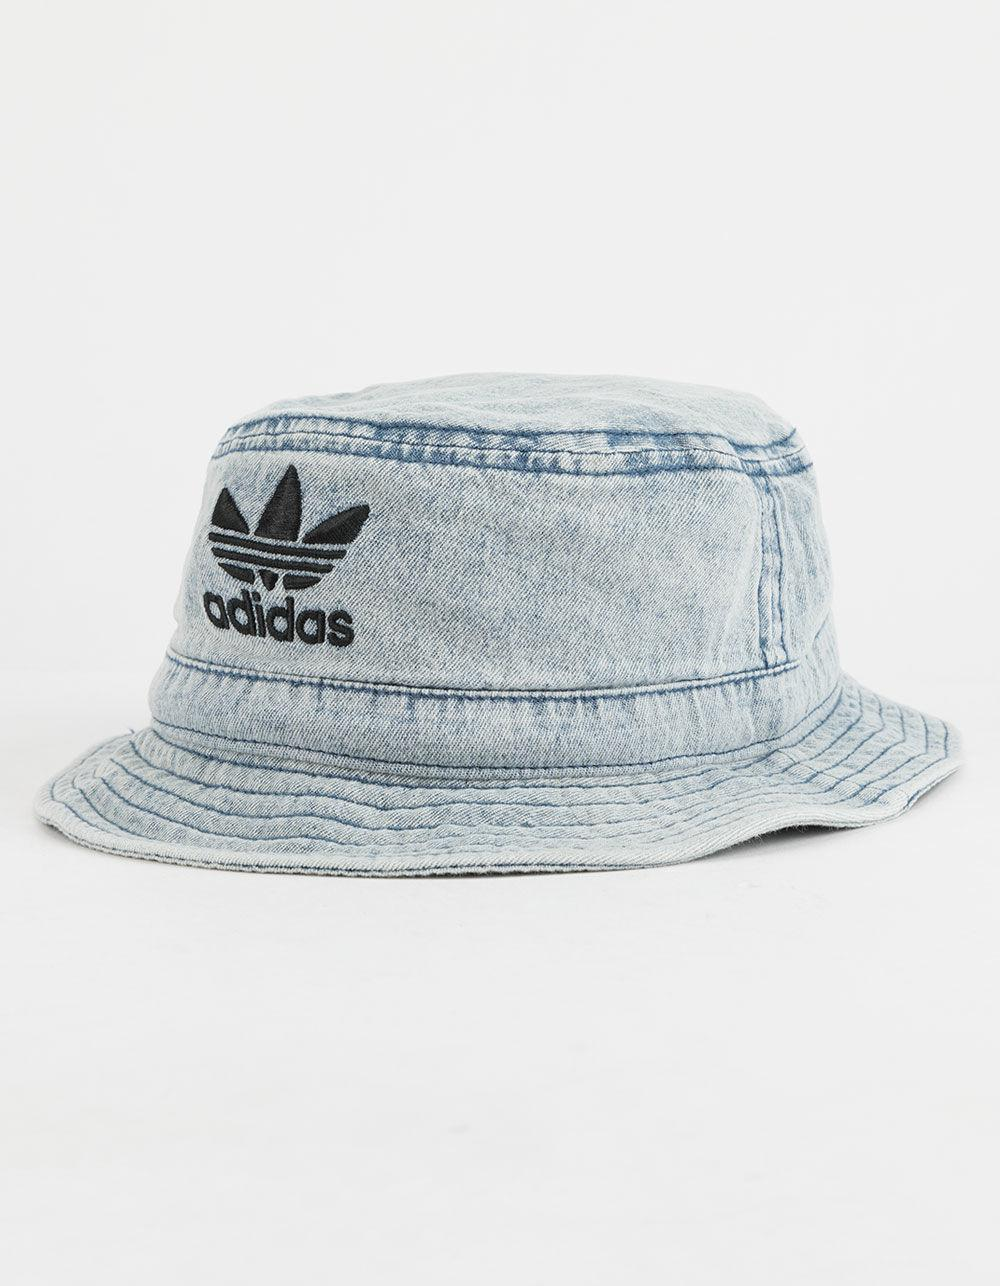 fb022a6ba2fe ... wholesale lyst adidas originals denim bucket hat in blue for men 9e22f  d1a4b